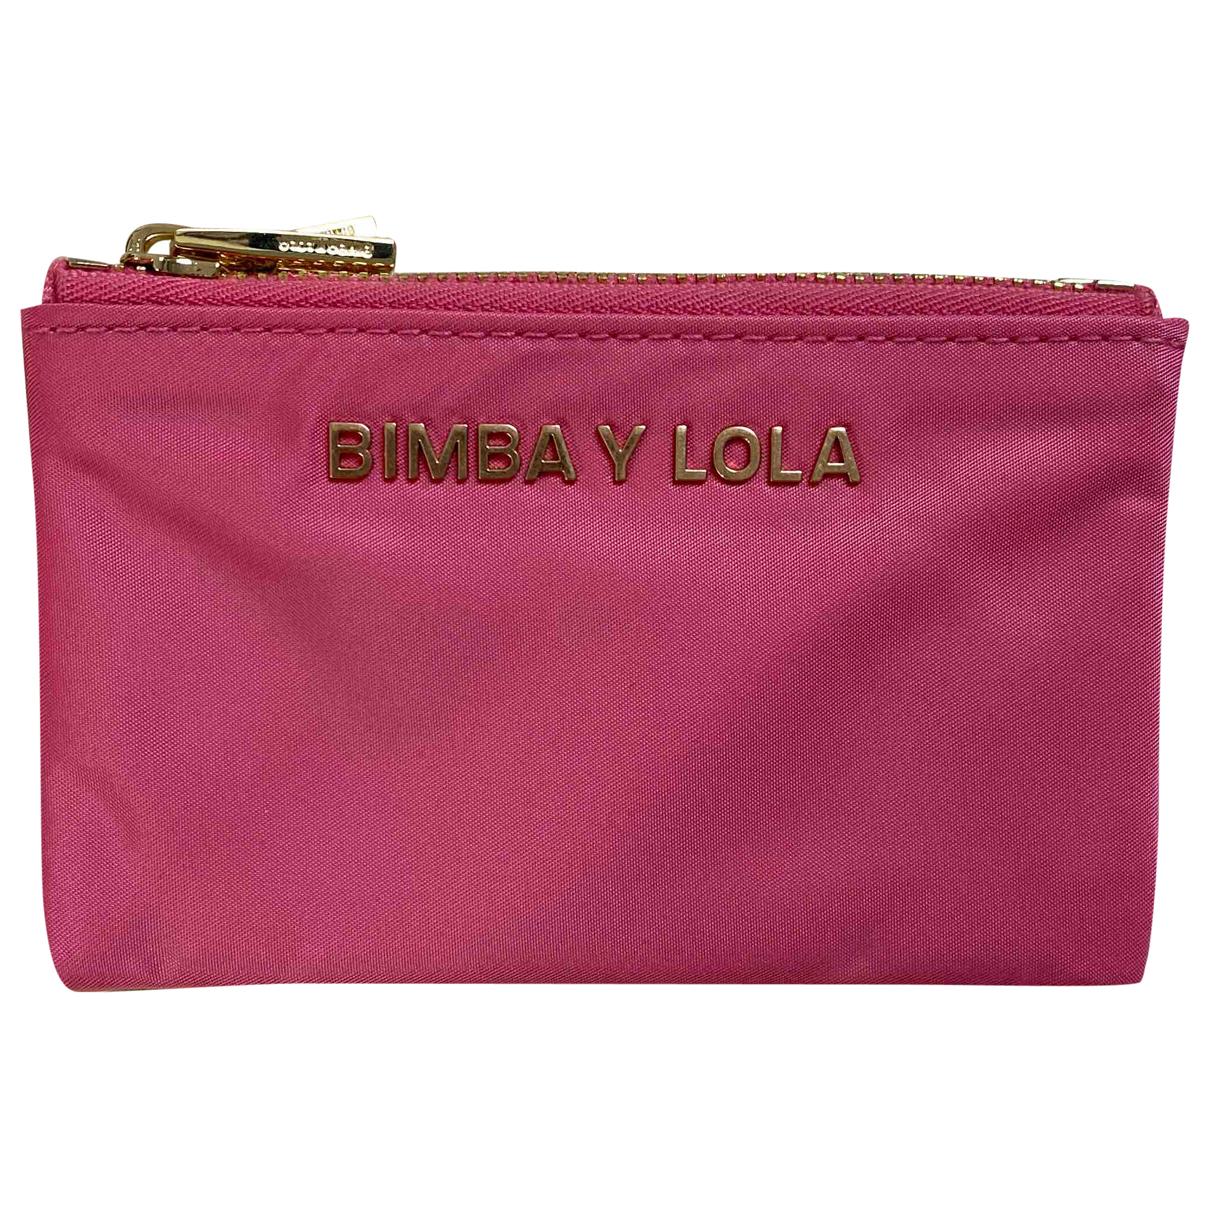 Bimba Y Lola - Portefeuille   pour femme en autre - multicolore